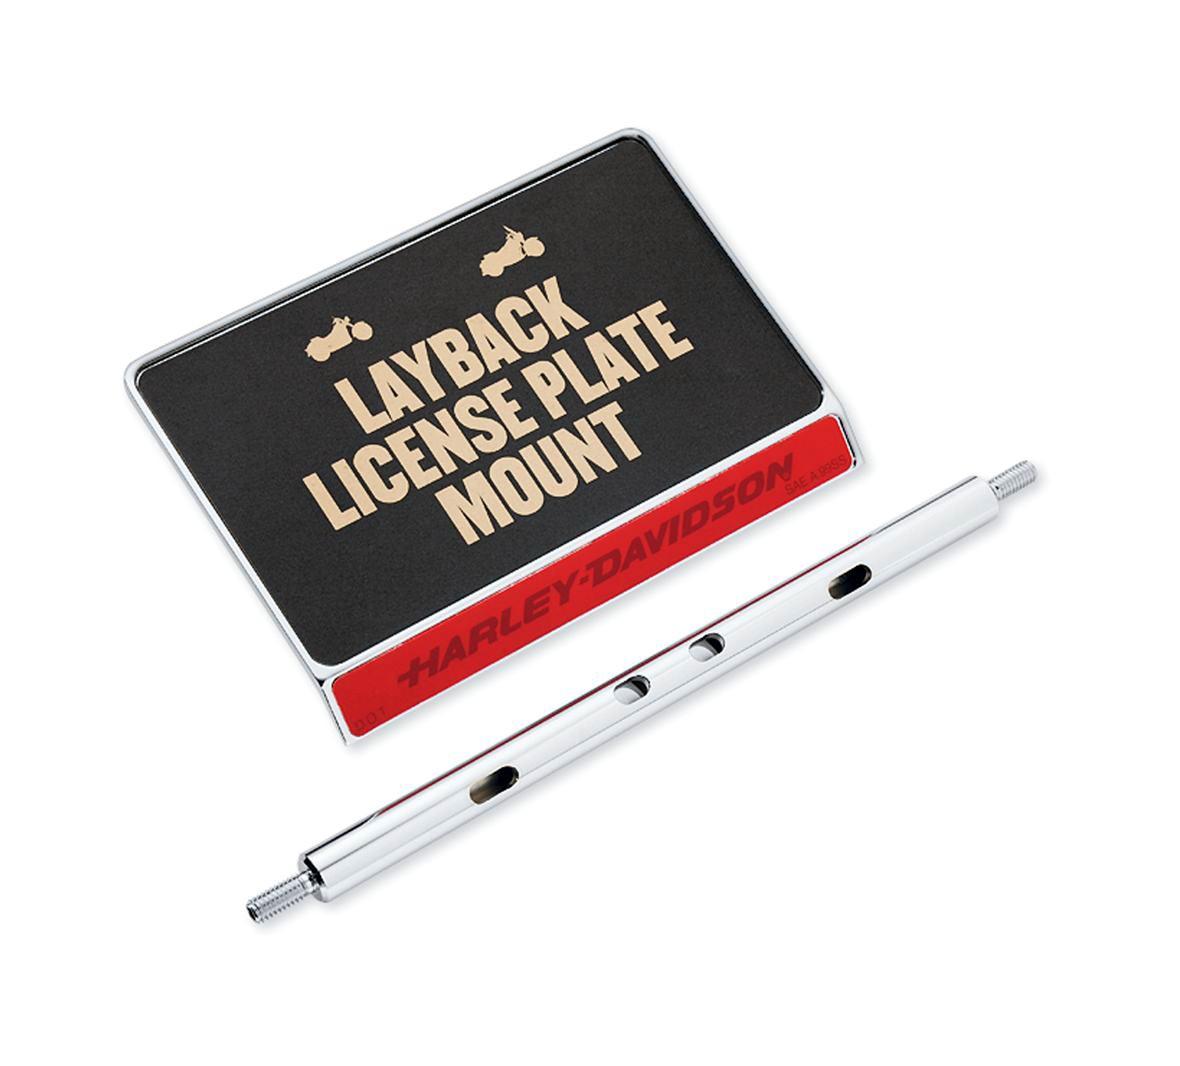 60215-06 Layback Nummernschild und Blinkerverlegung im Thunderbike Shop